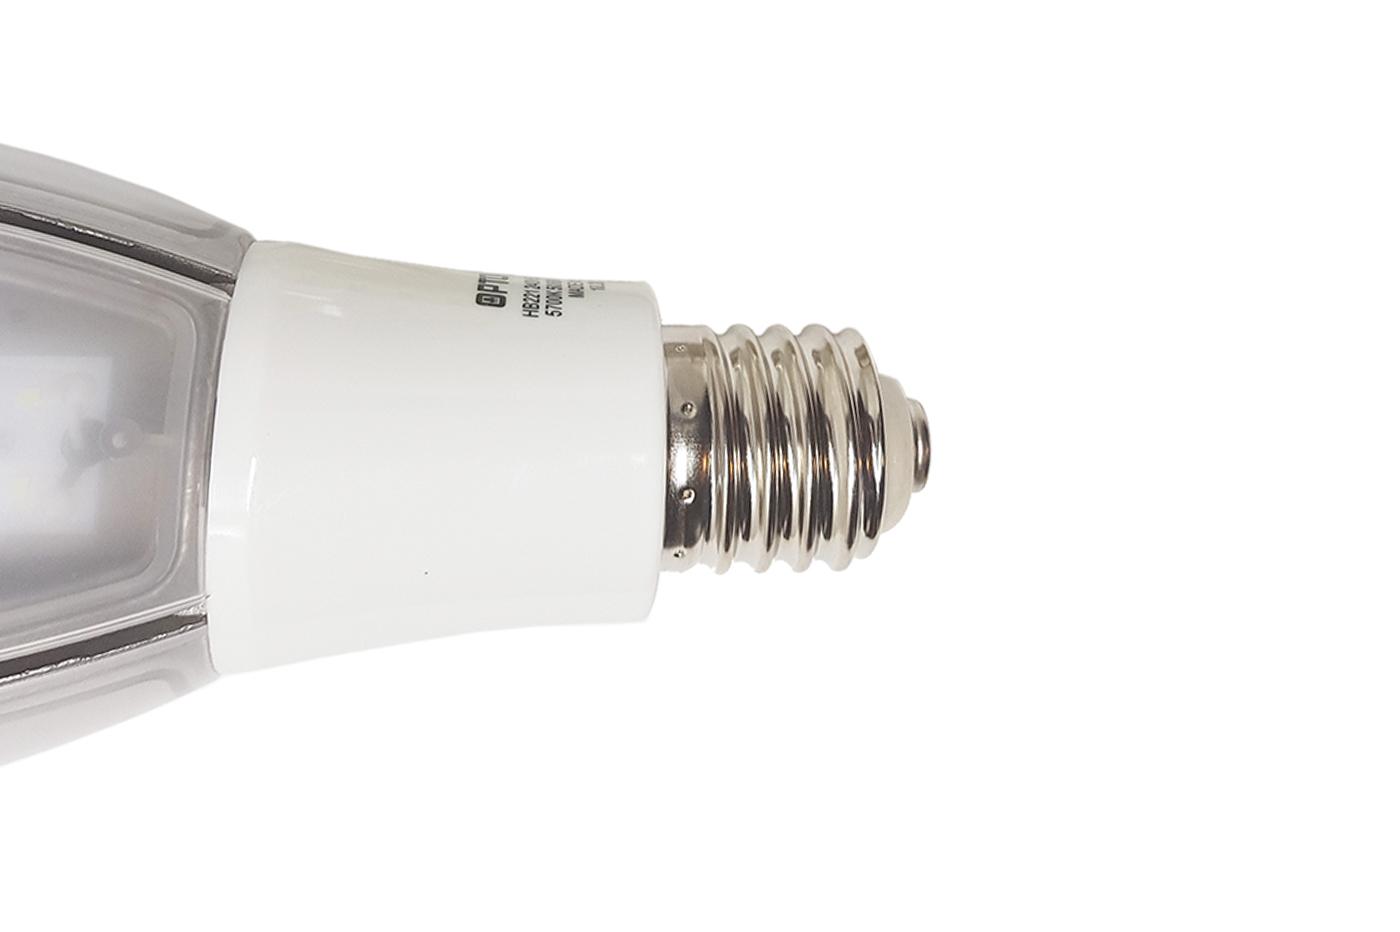 Plafoniere Per Lampioni Stradali : Bes 23050 lampadine e adattatori beselettronica lampada